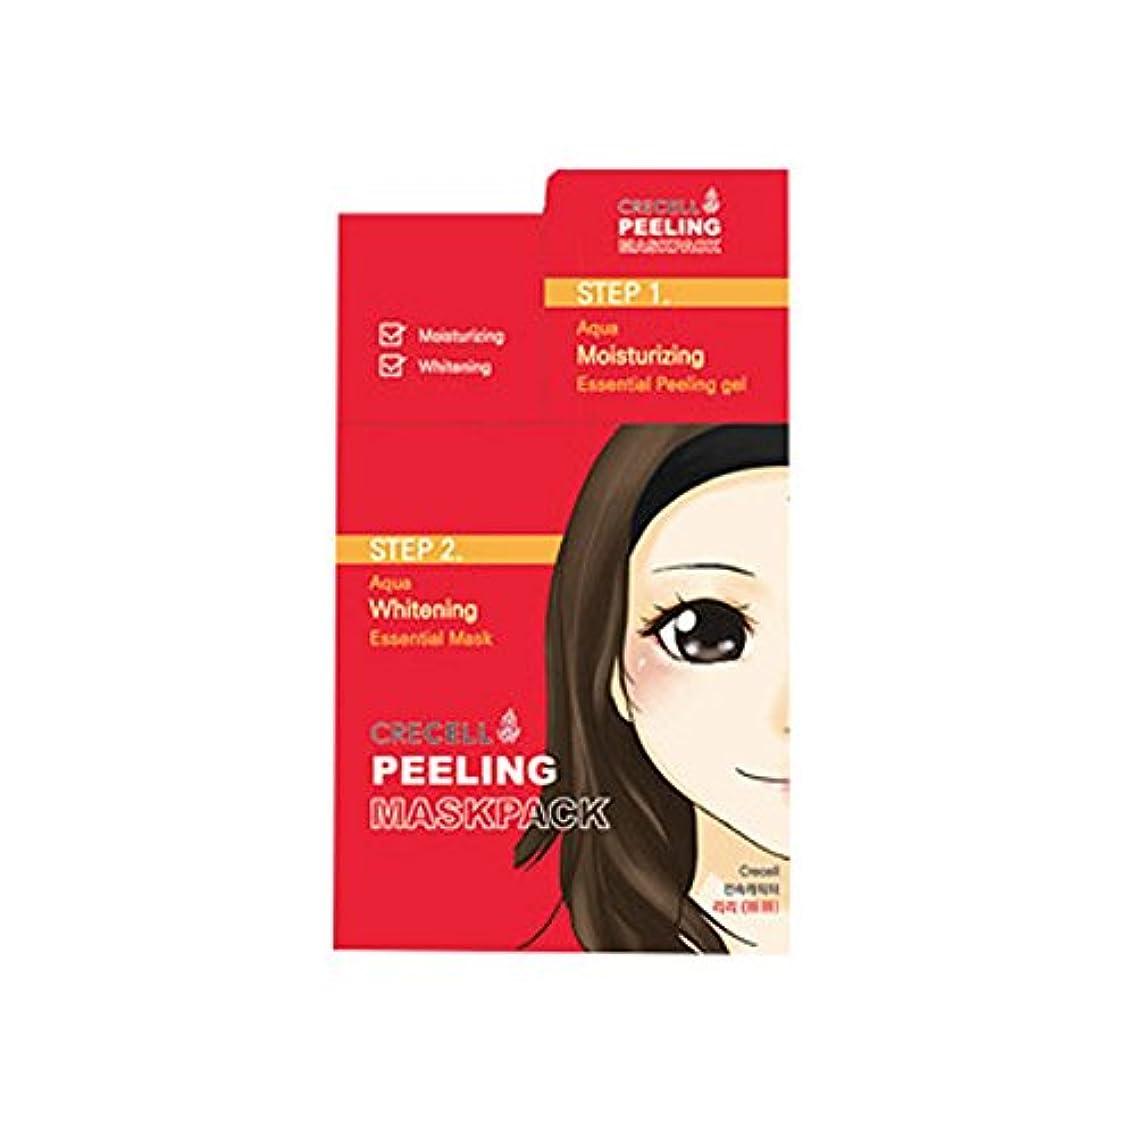 若者少数統計CRECELL Aqua Whitening Essential Mask 2STEP【クリセルアクアホワイトニングエッセンシャルマスク 2ステップ】シートマスク フェイスパック オールインワン 韓国コスメ - 1ステップ(ピーリングジェル : 8個/3ml) 2ステップ(シートマスク: 8枚/20ml)